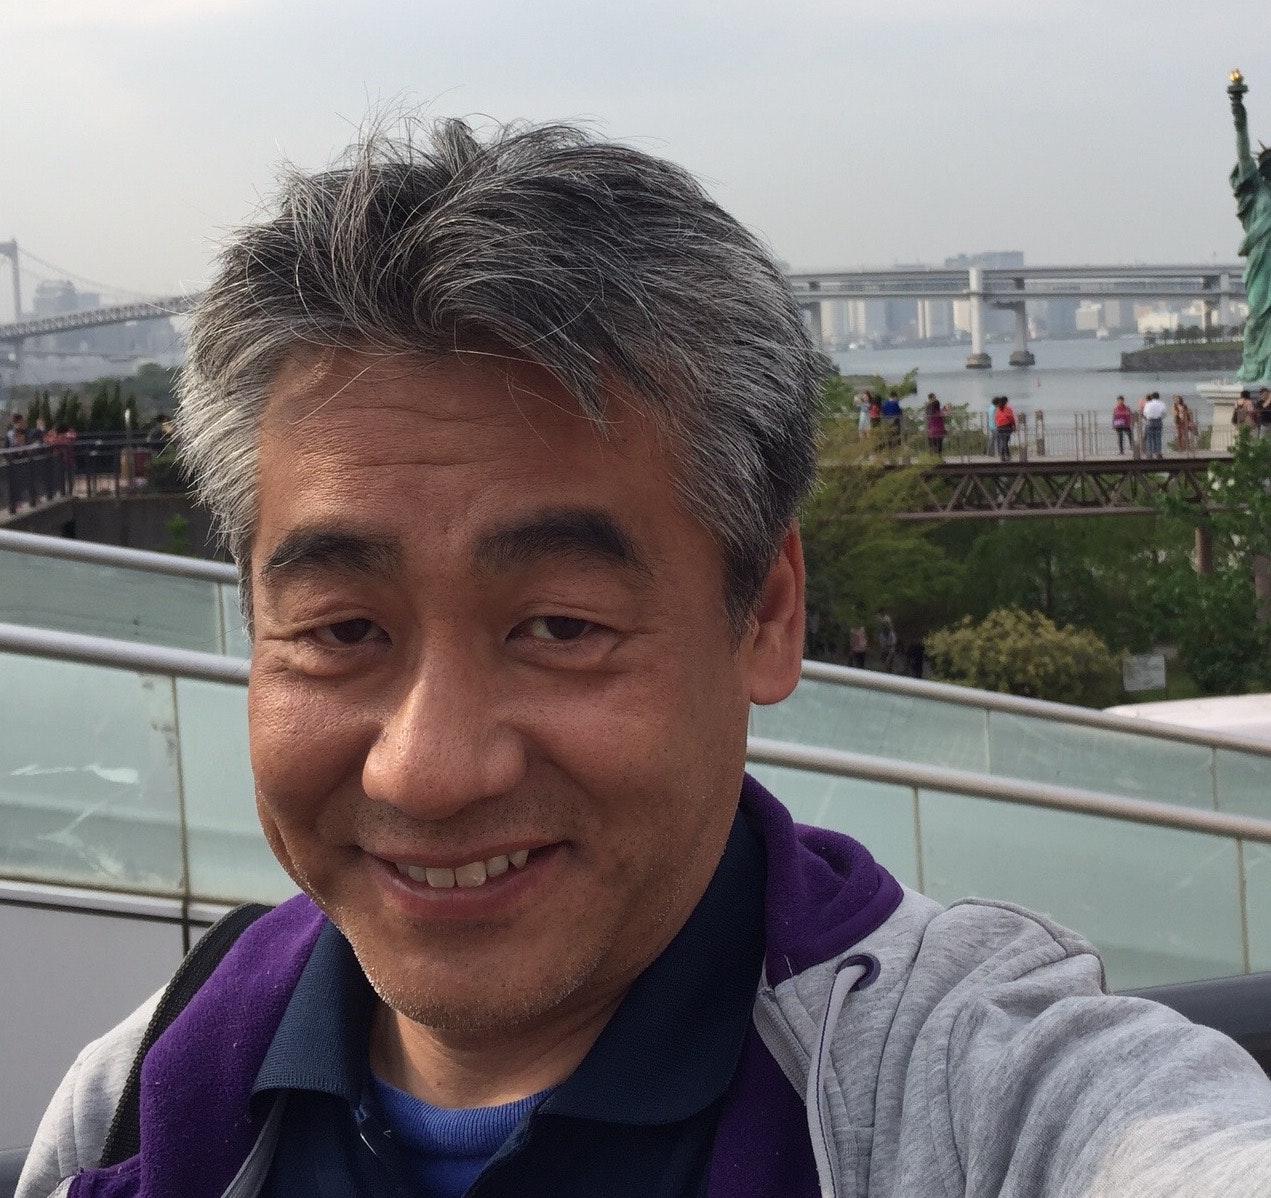 Katsuhiko Nakayama